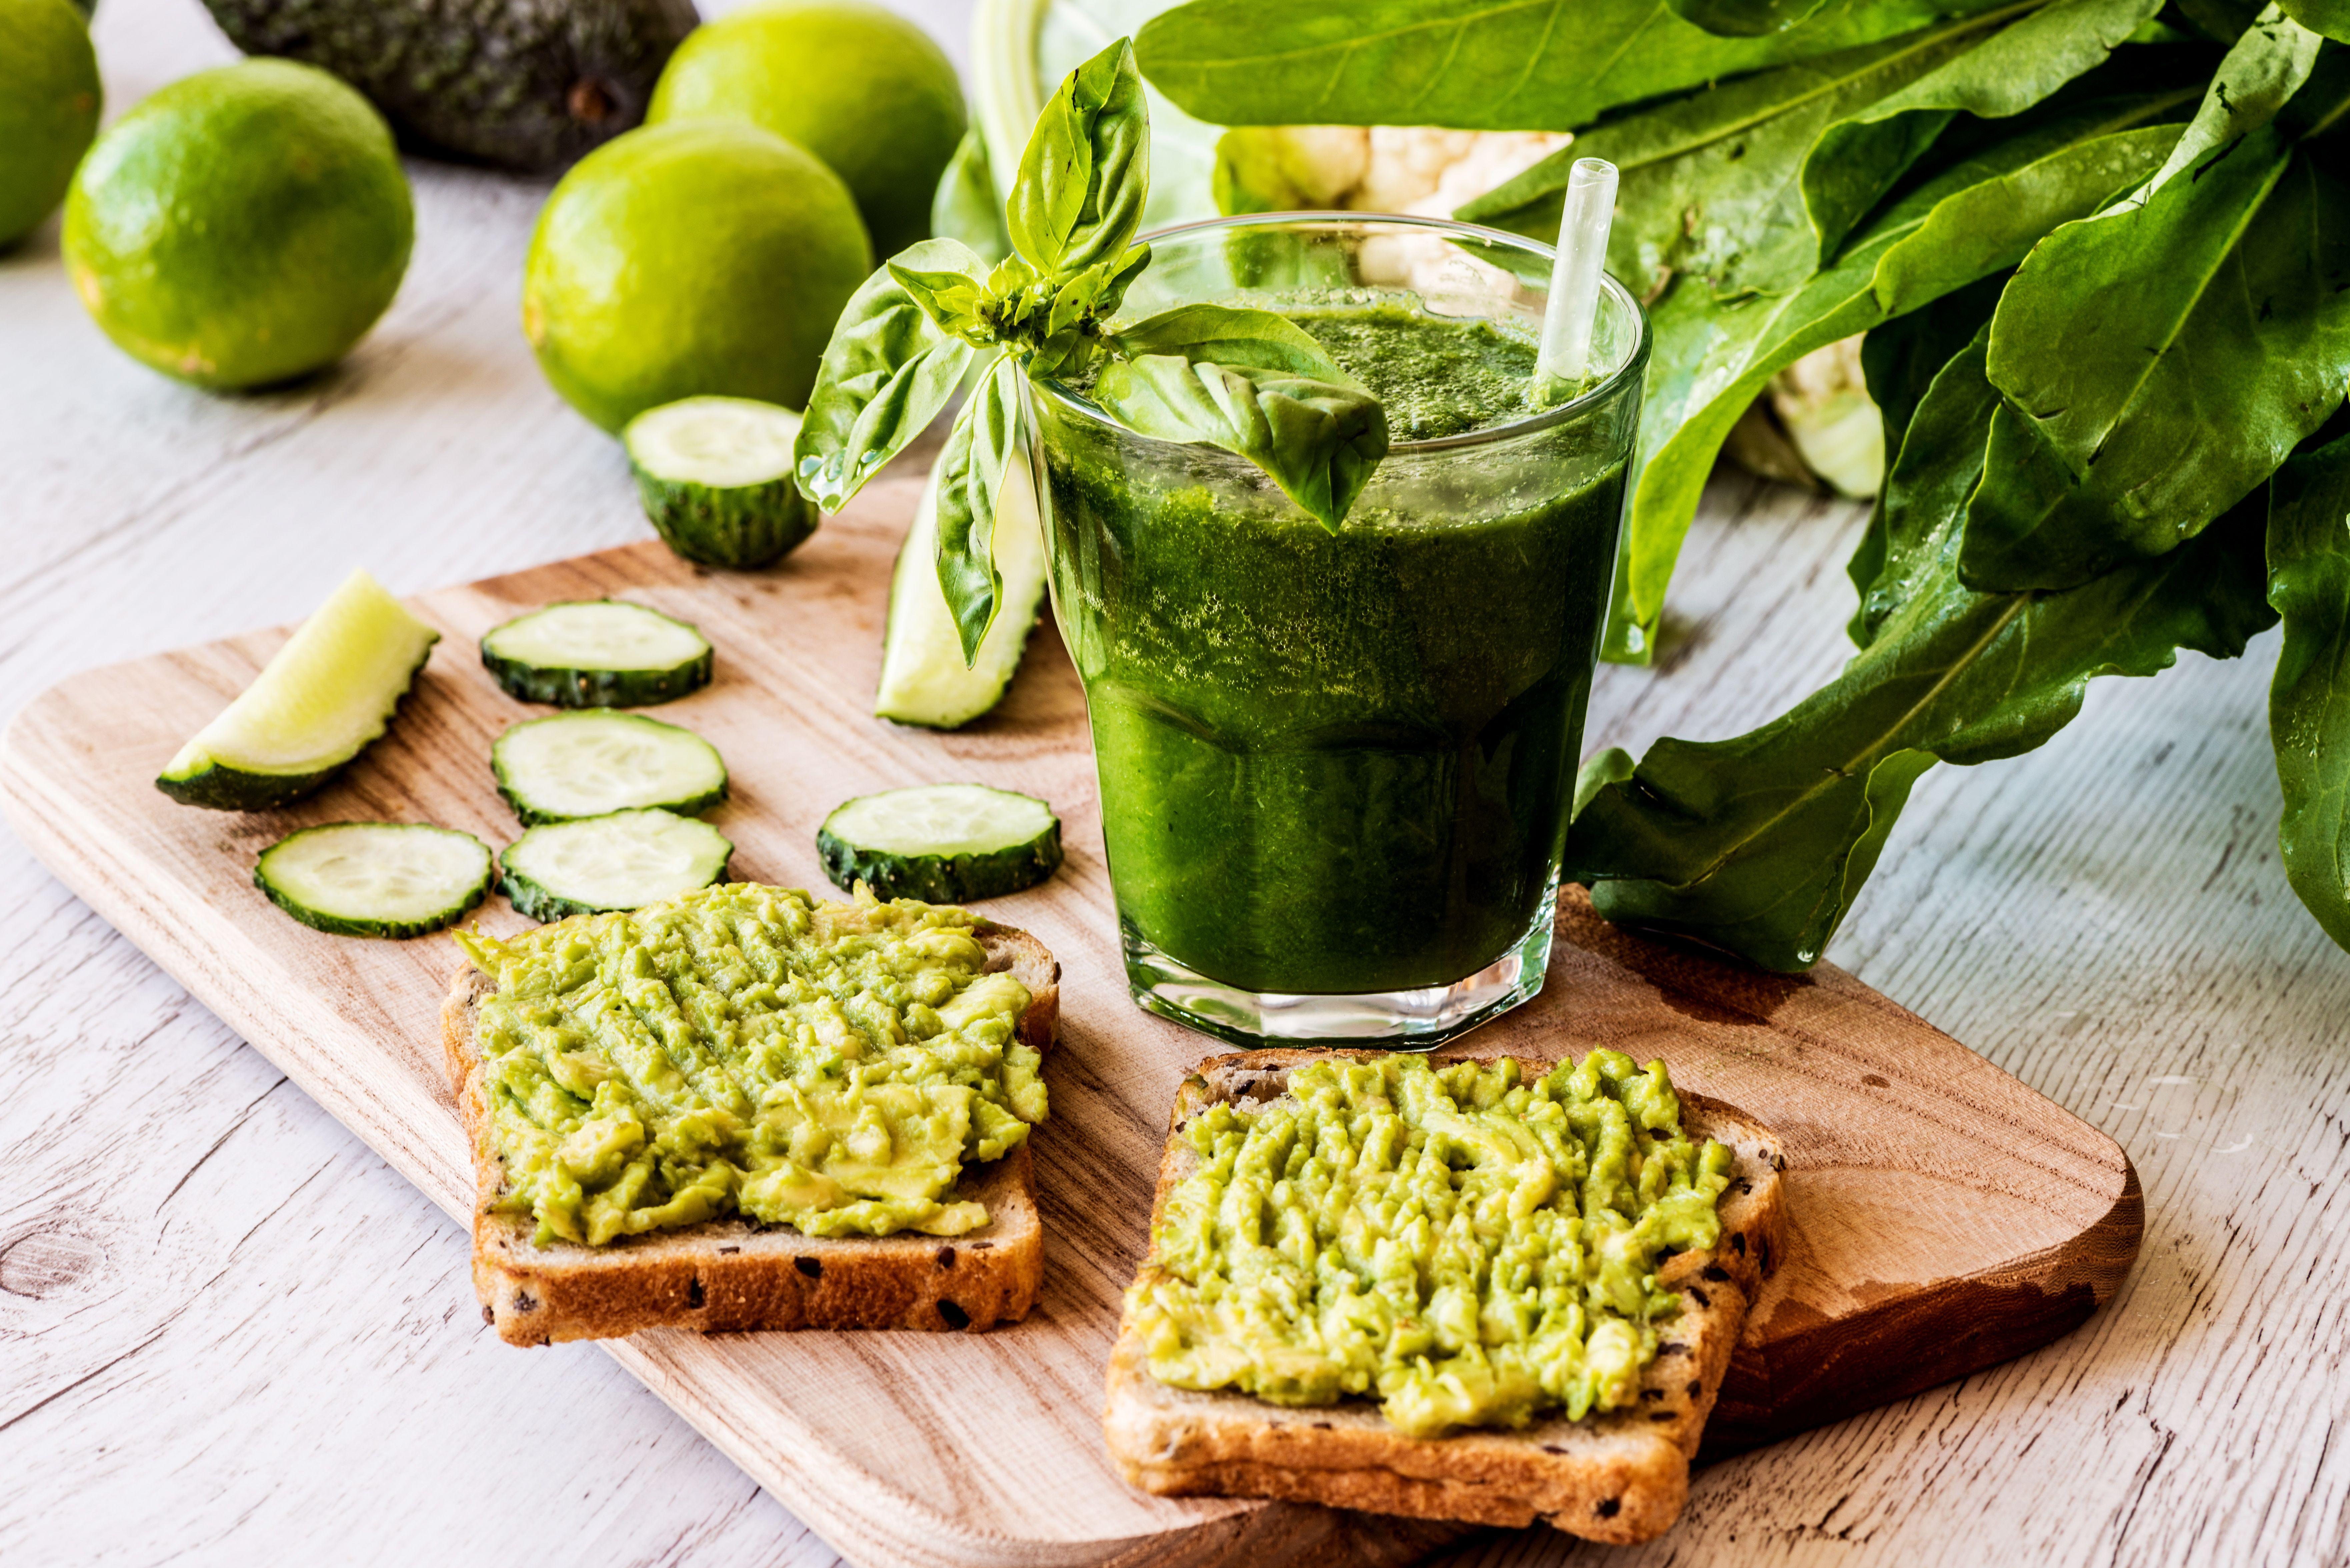 segíti a fogyást 6 étkezés a fogyáshoz